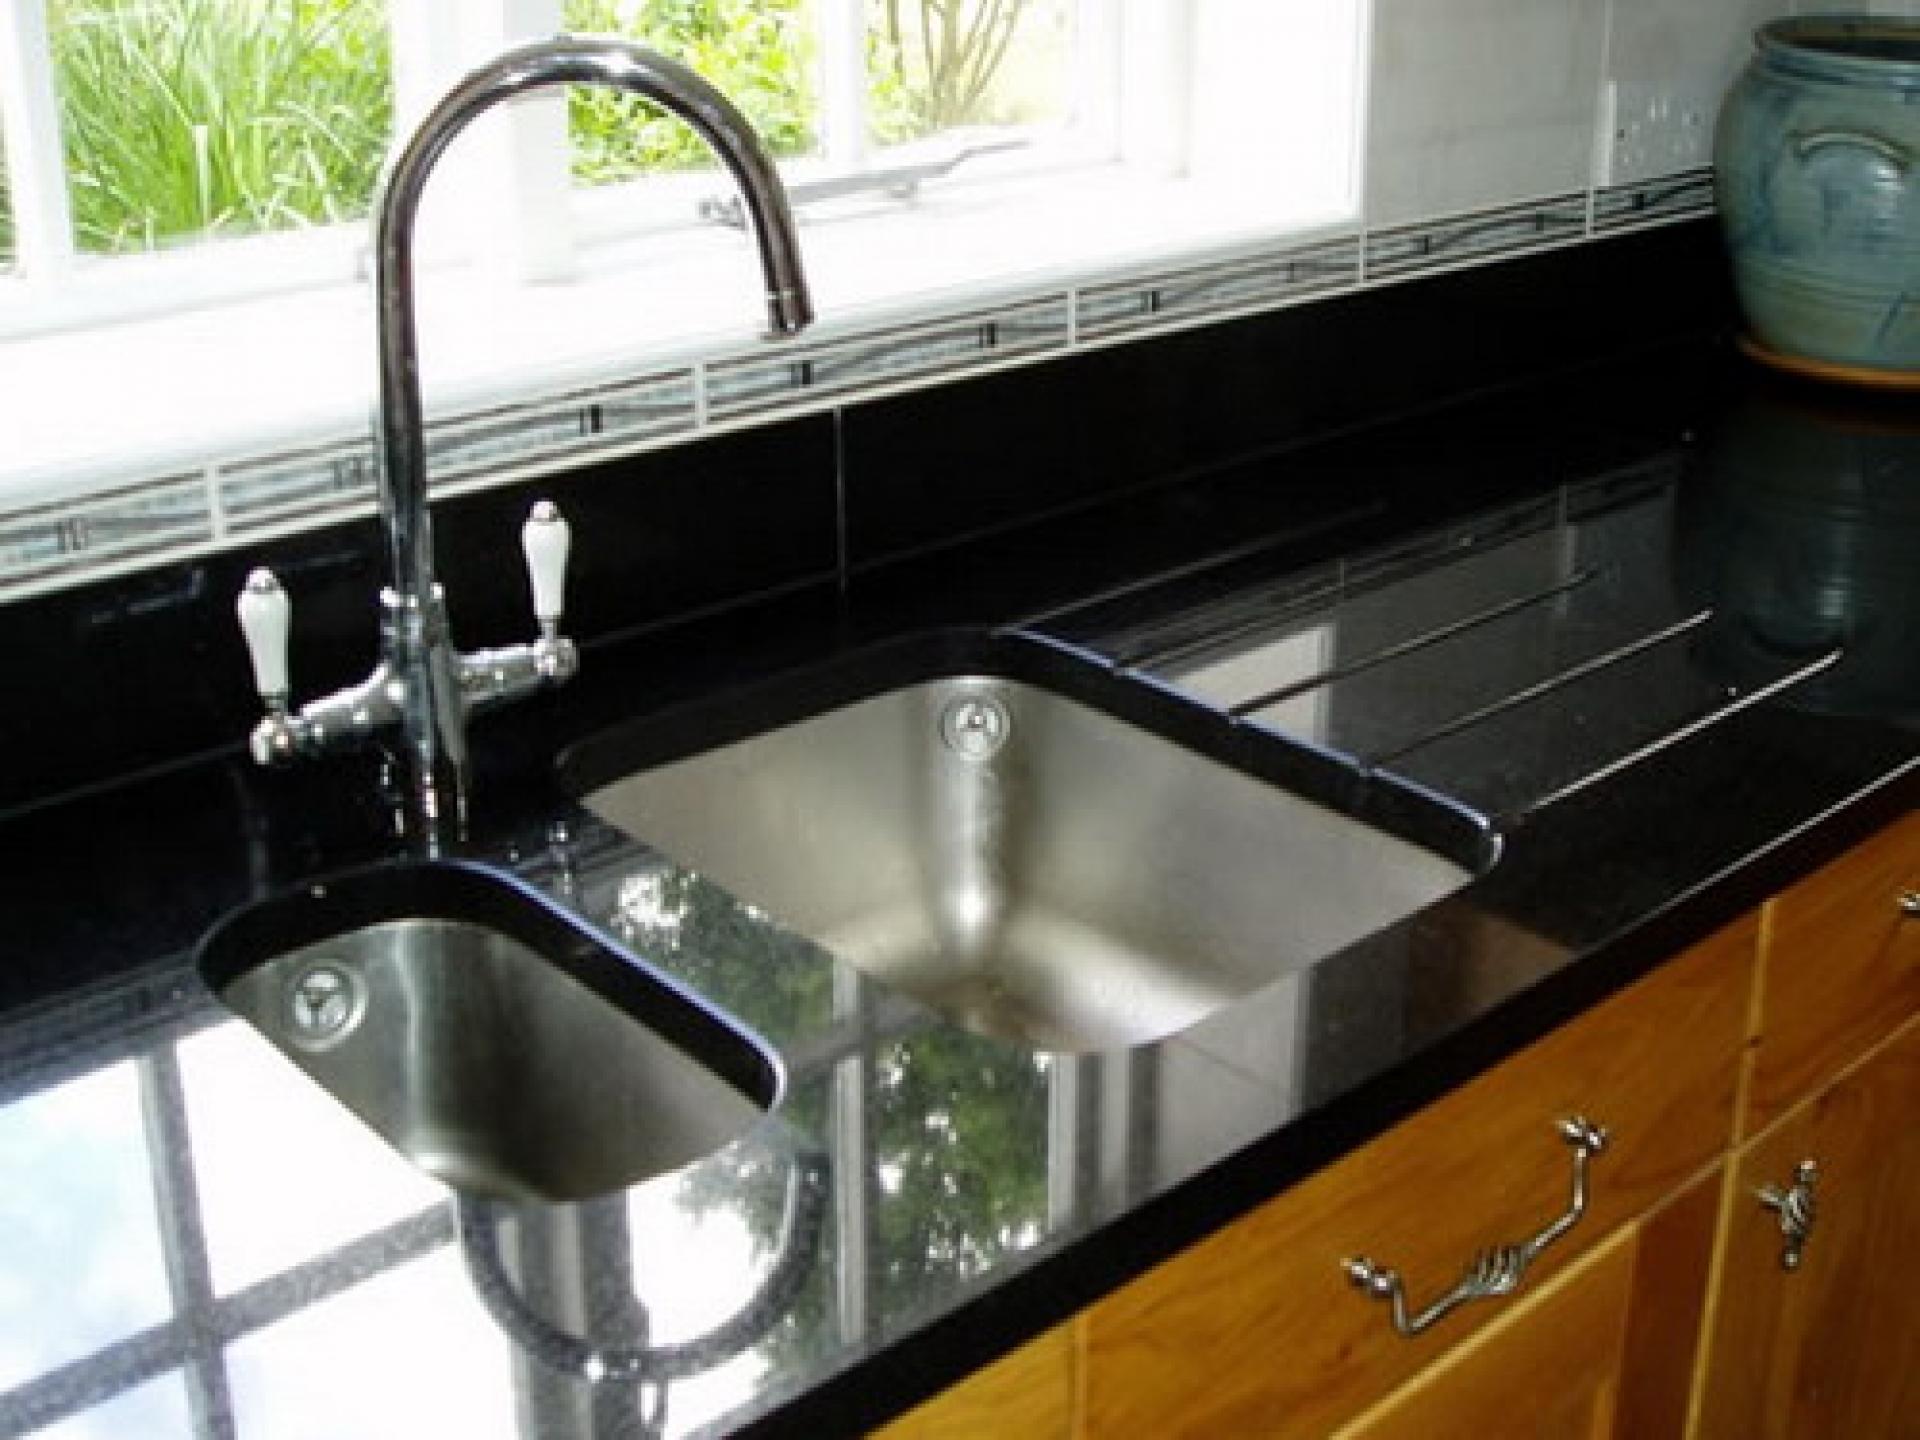 large modern kitchen design image 6 of 10 - Kitchen Sink Undermount